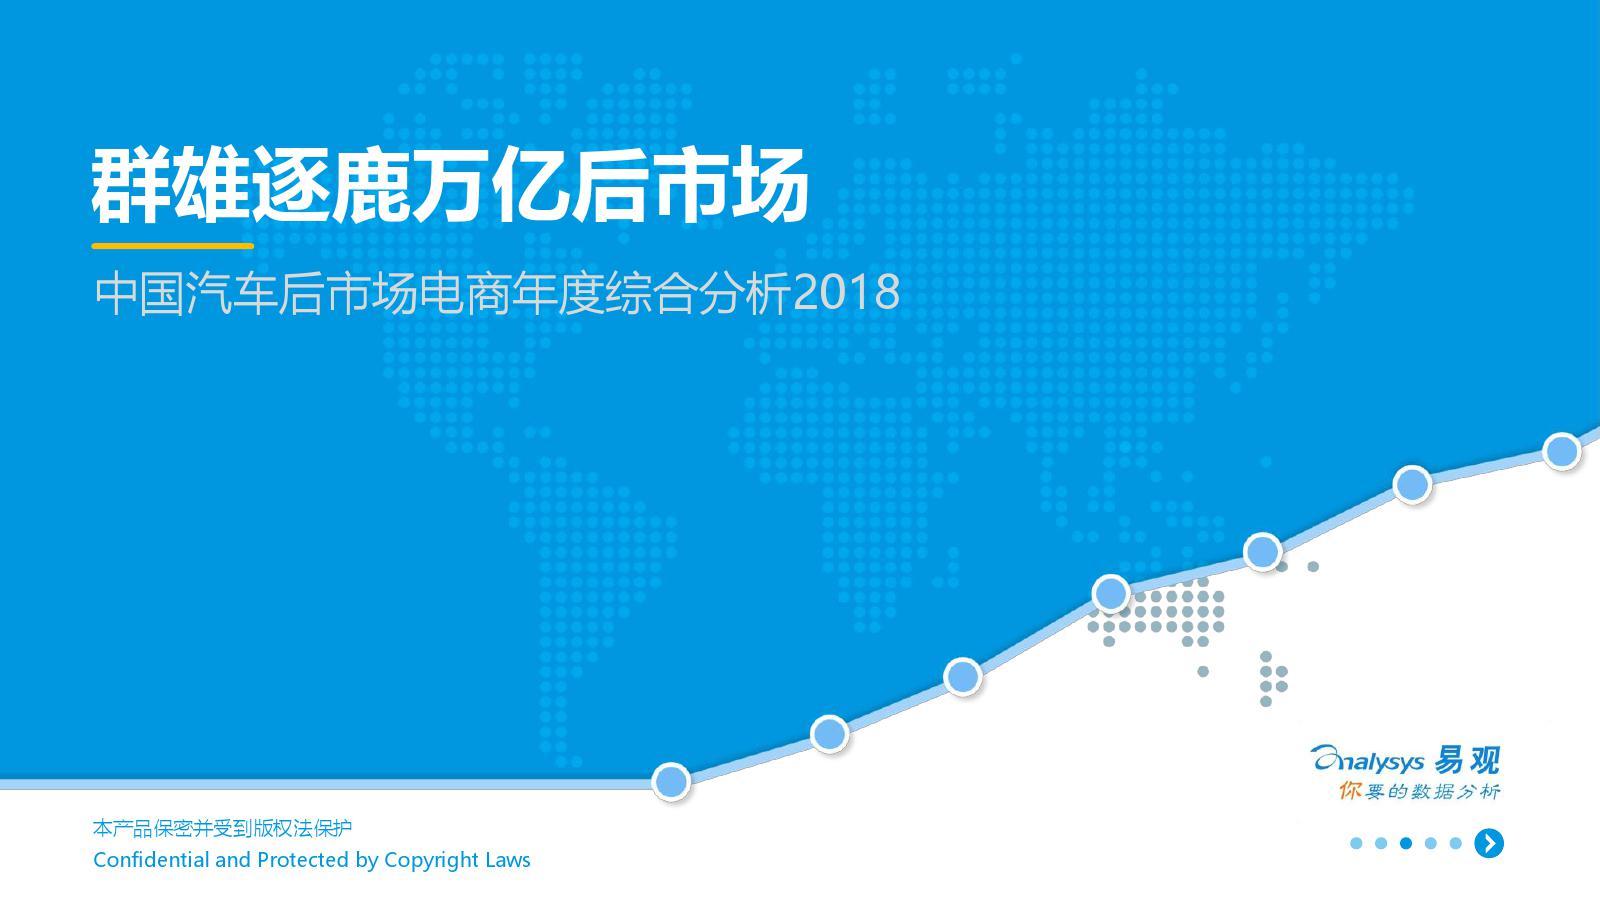 易观:2018中国汽车后市场电商年度综合分析